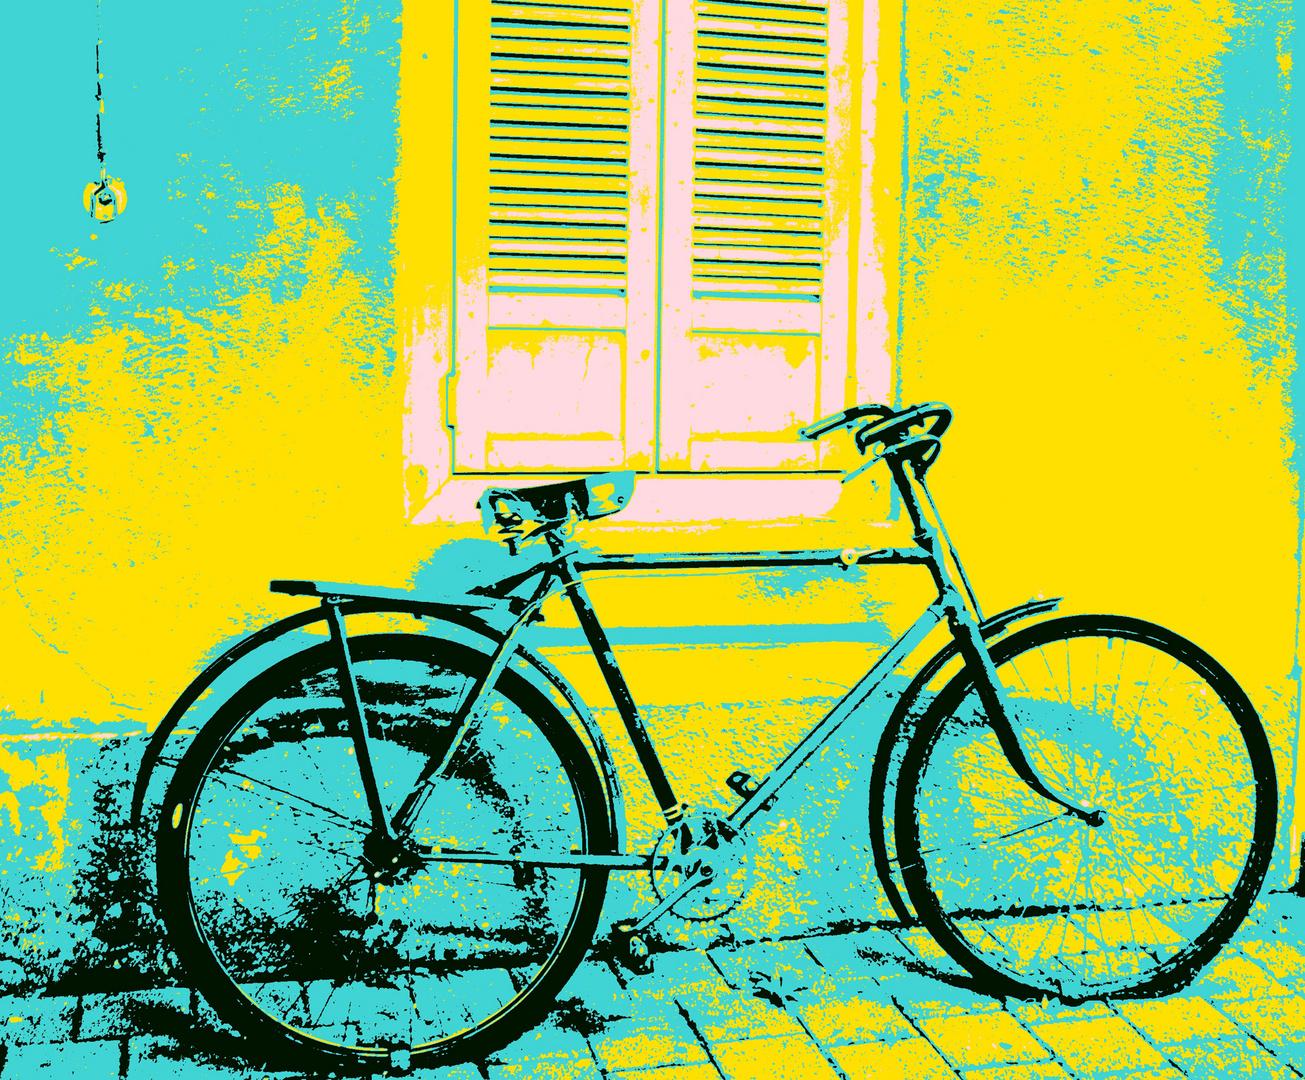 popart fahrrad foto bild stillleben zuf llige arrangements fahrrad an der wand bilder auf. Black Bedroom Furniture Sets. Home Design Ideas